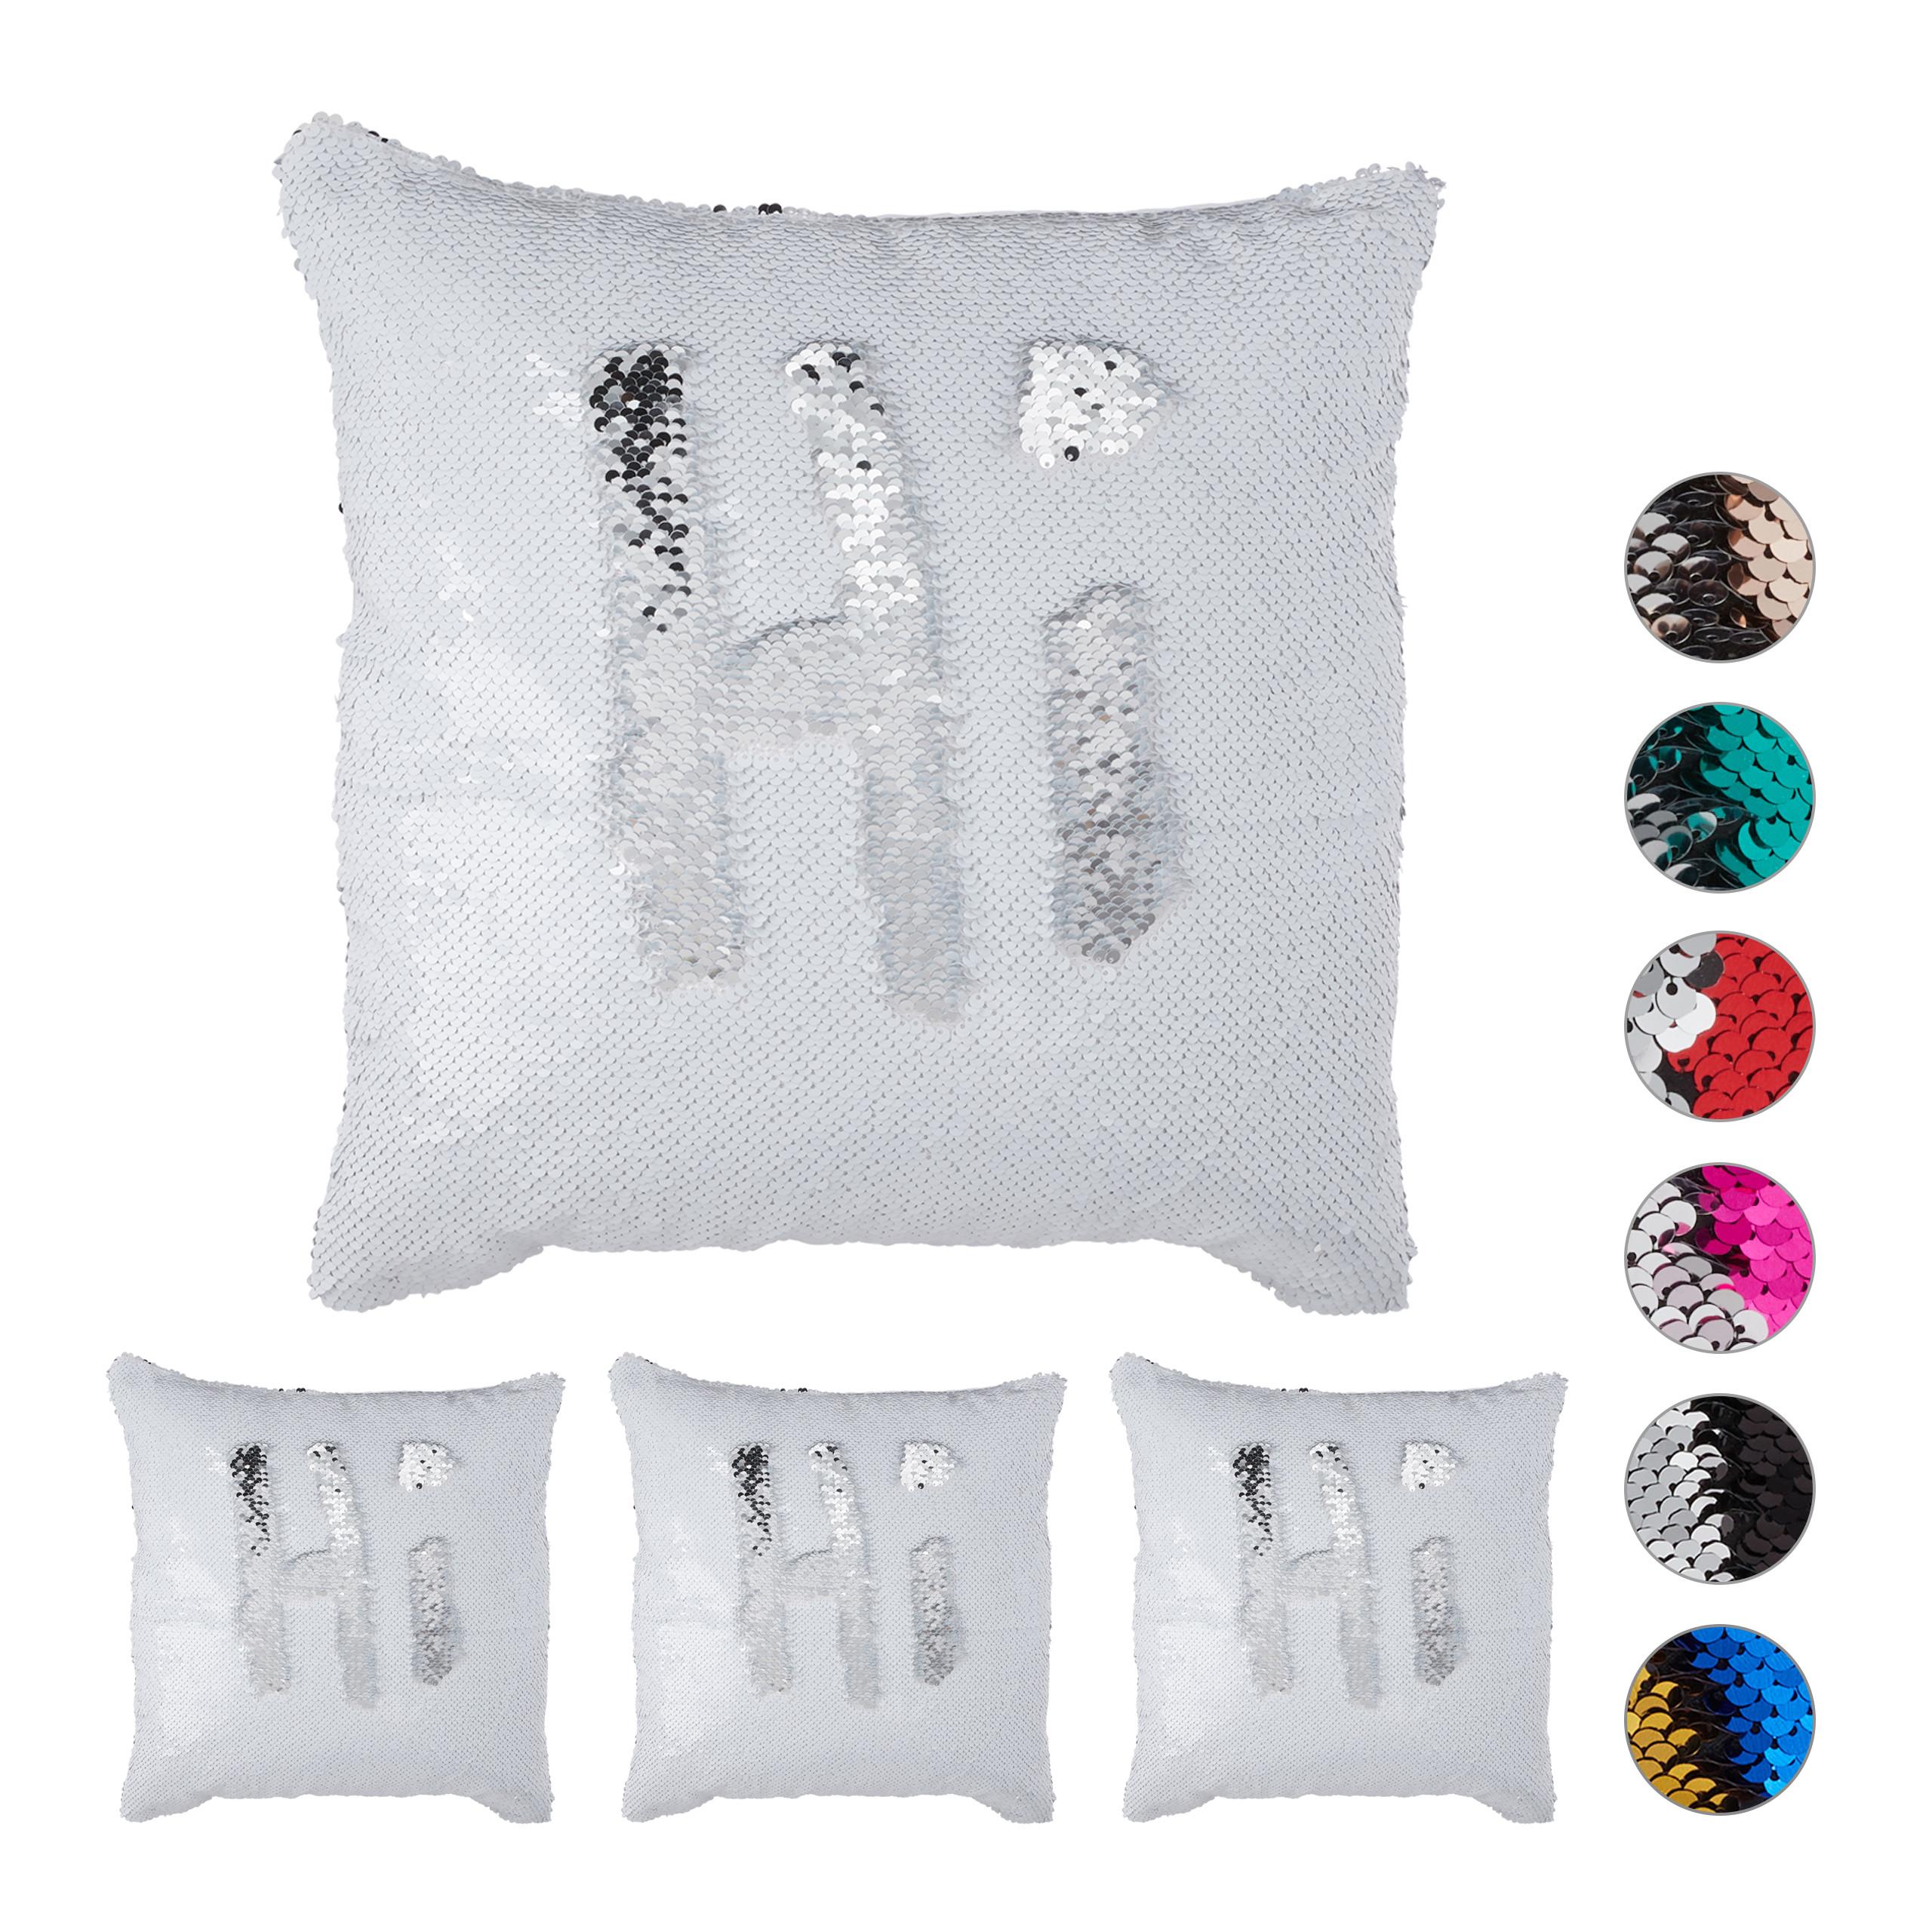 4 X Pailletten Kissenbezug Weiß Silber Dekokissen 40x40